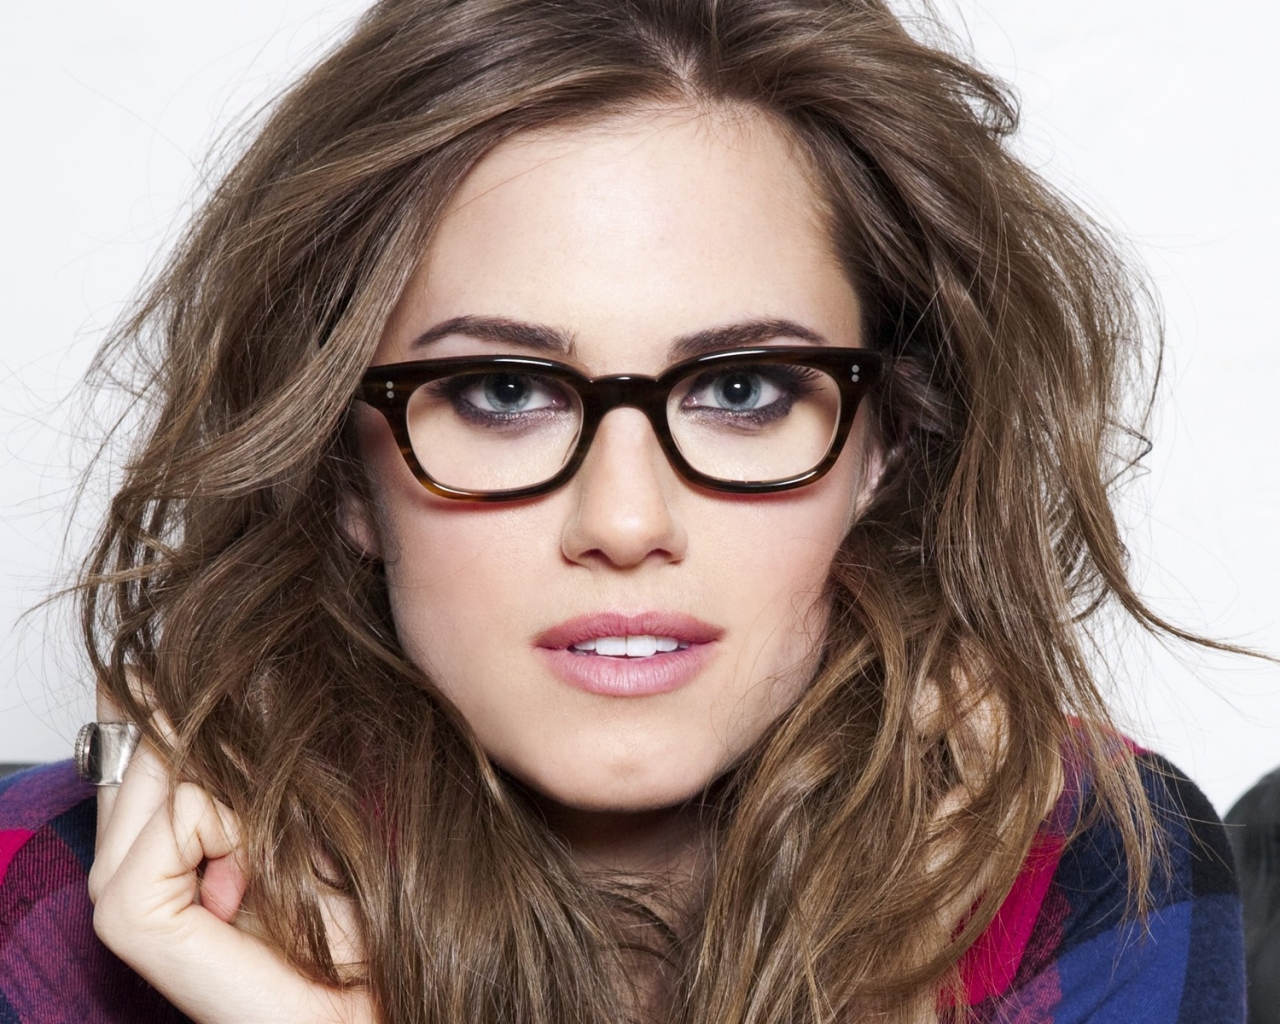 Chica con lentes - 1280x1024